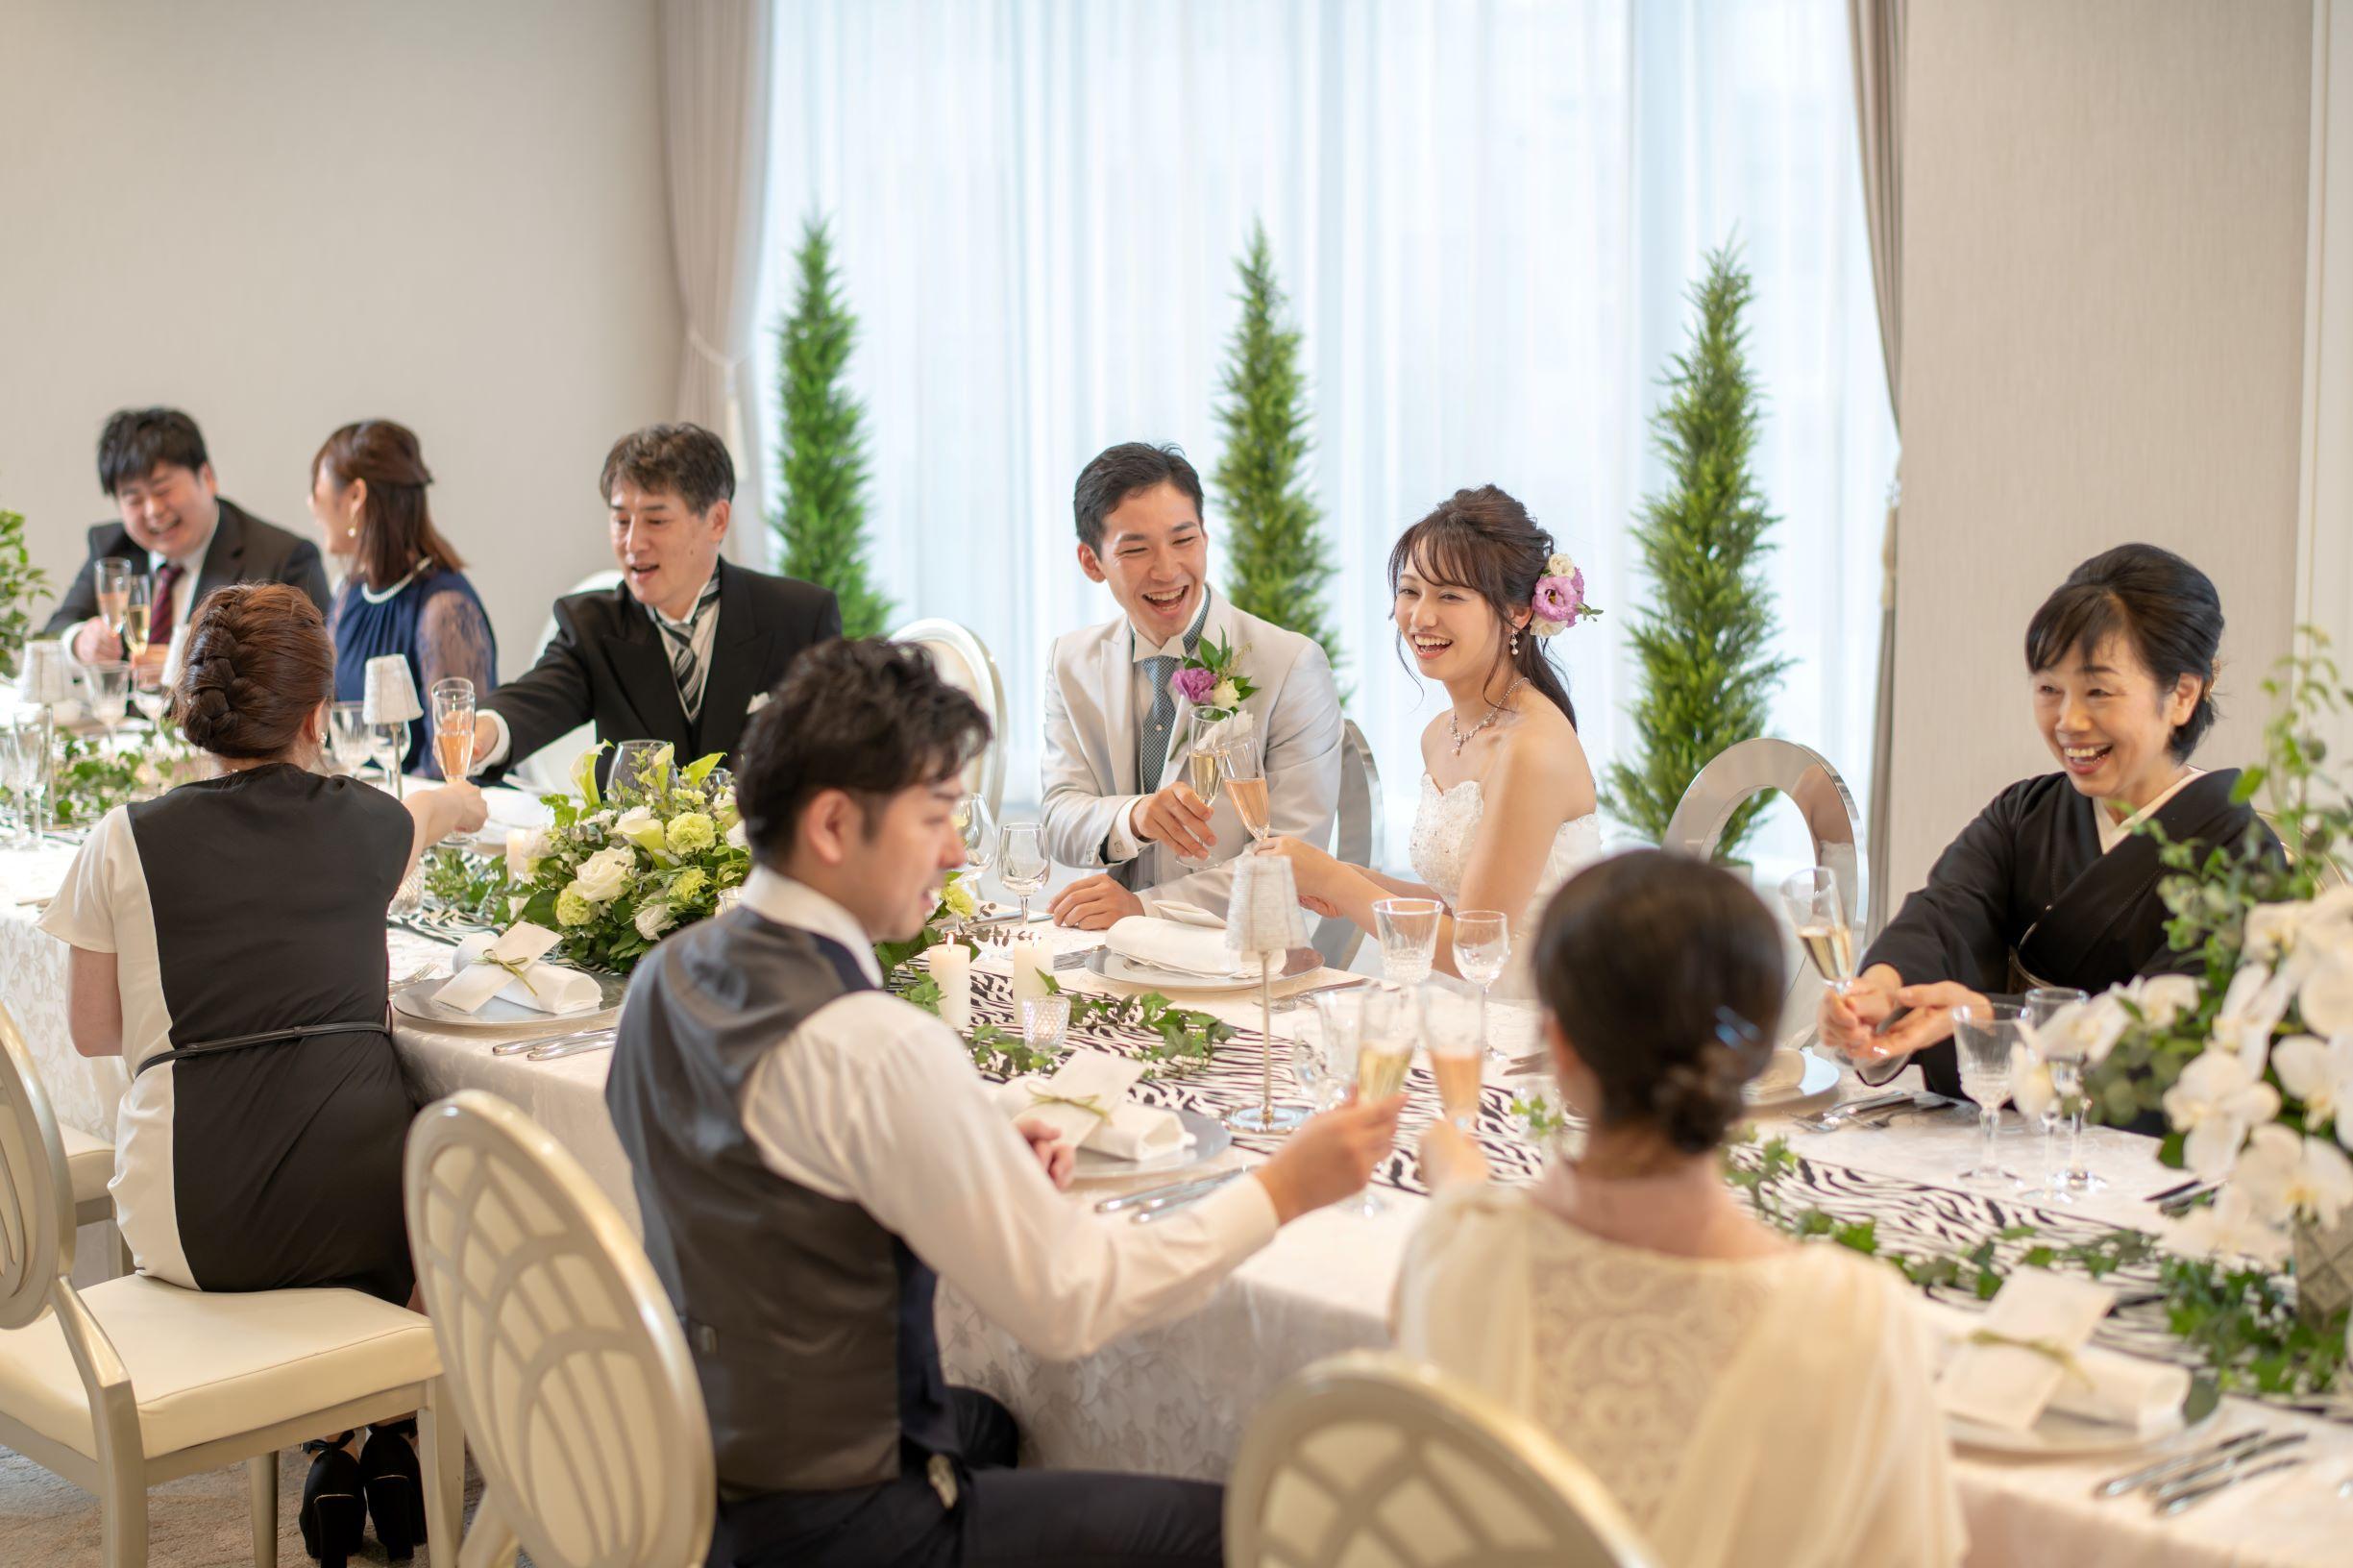 【月に1度のBIGフェア】挙式と披露宴を体験できるスペシャルフェア